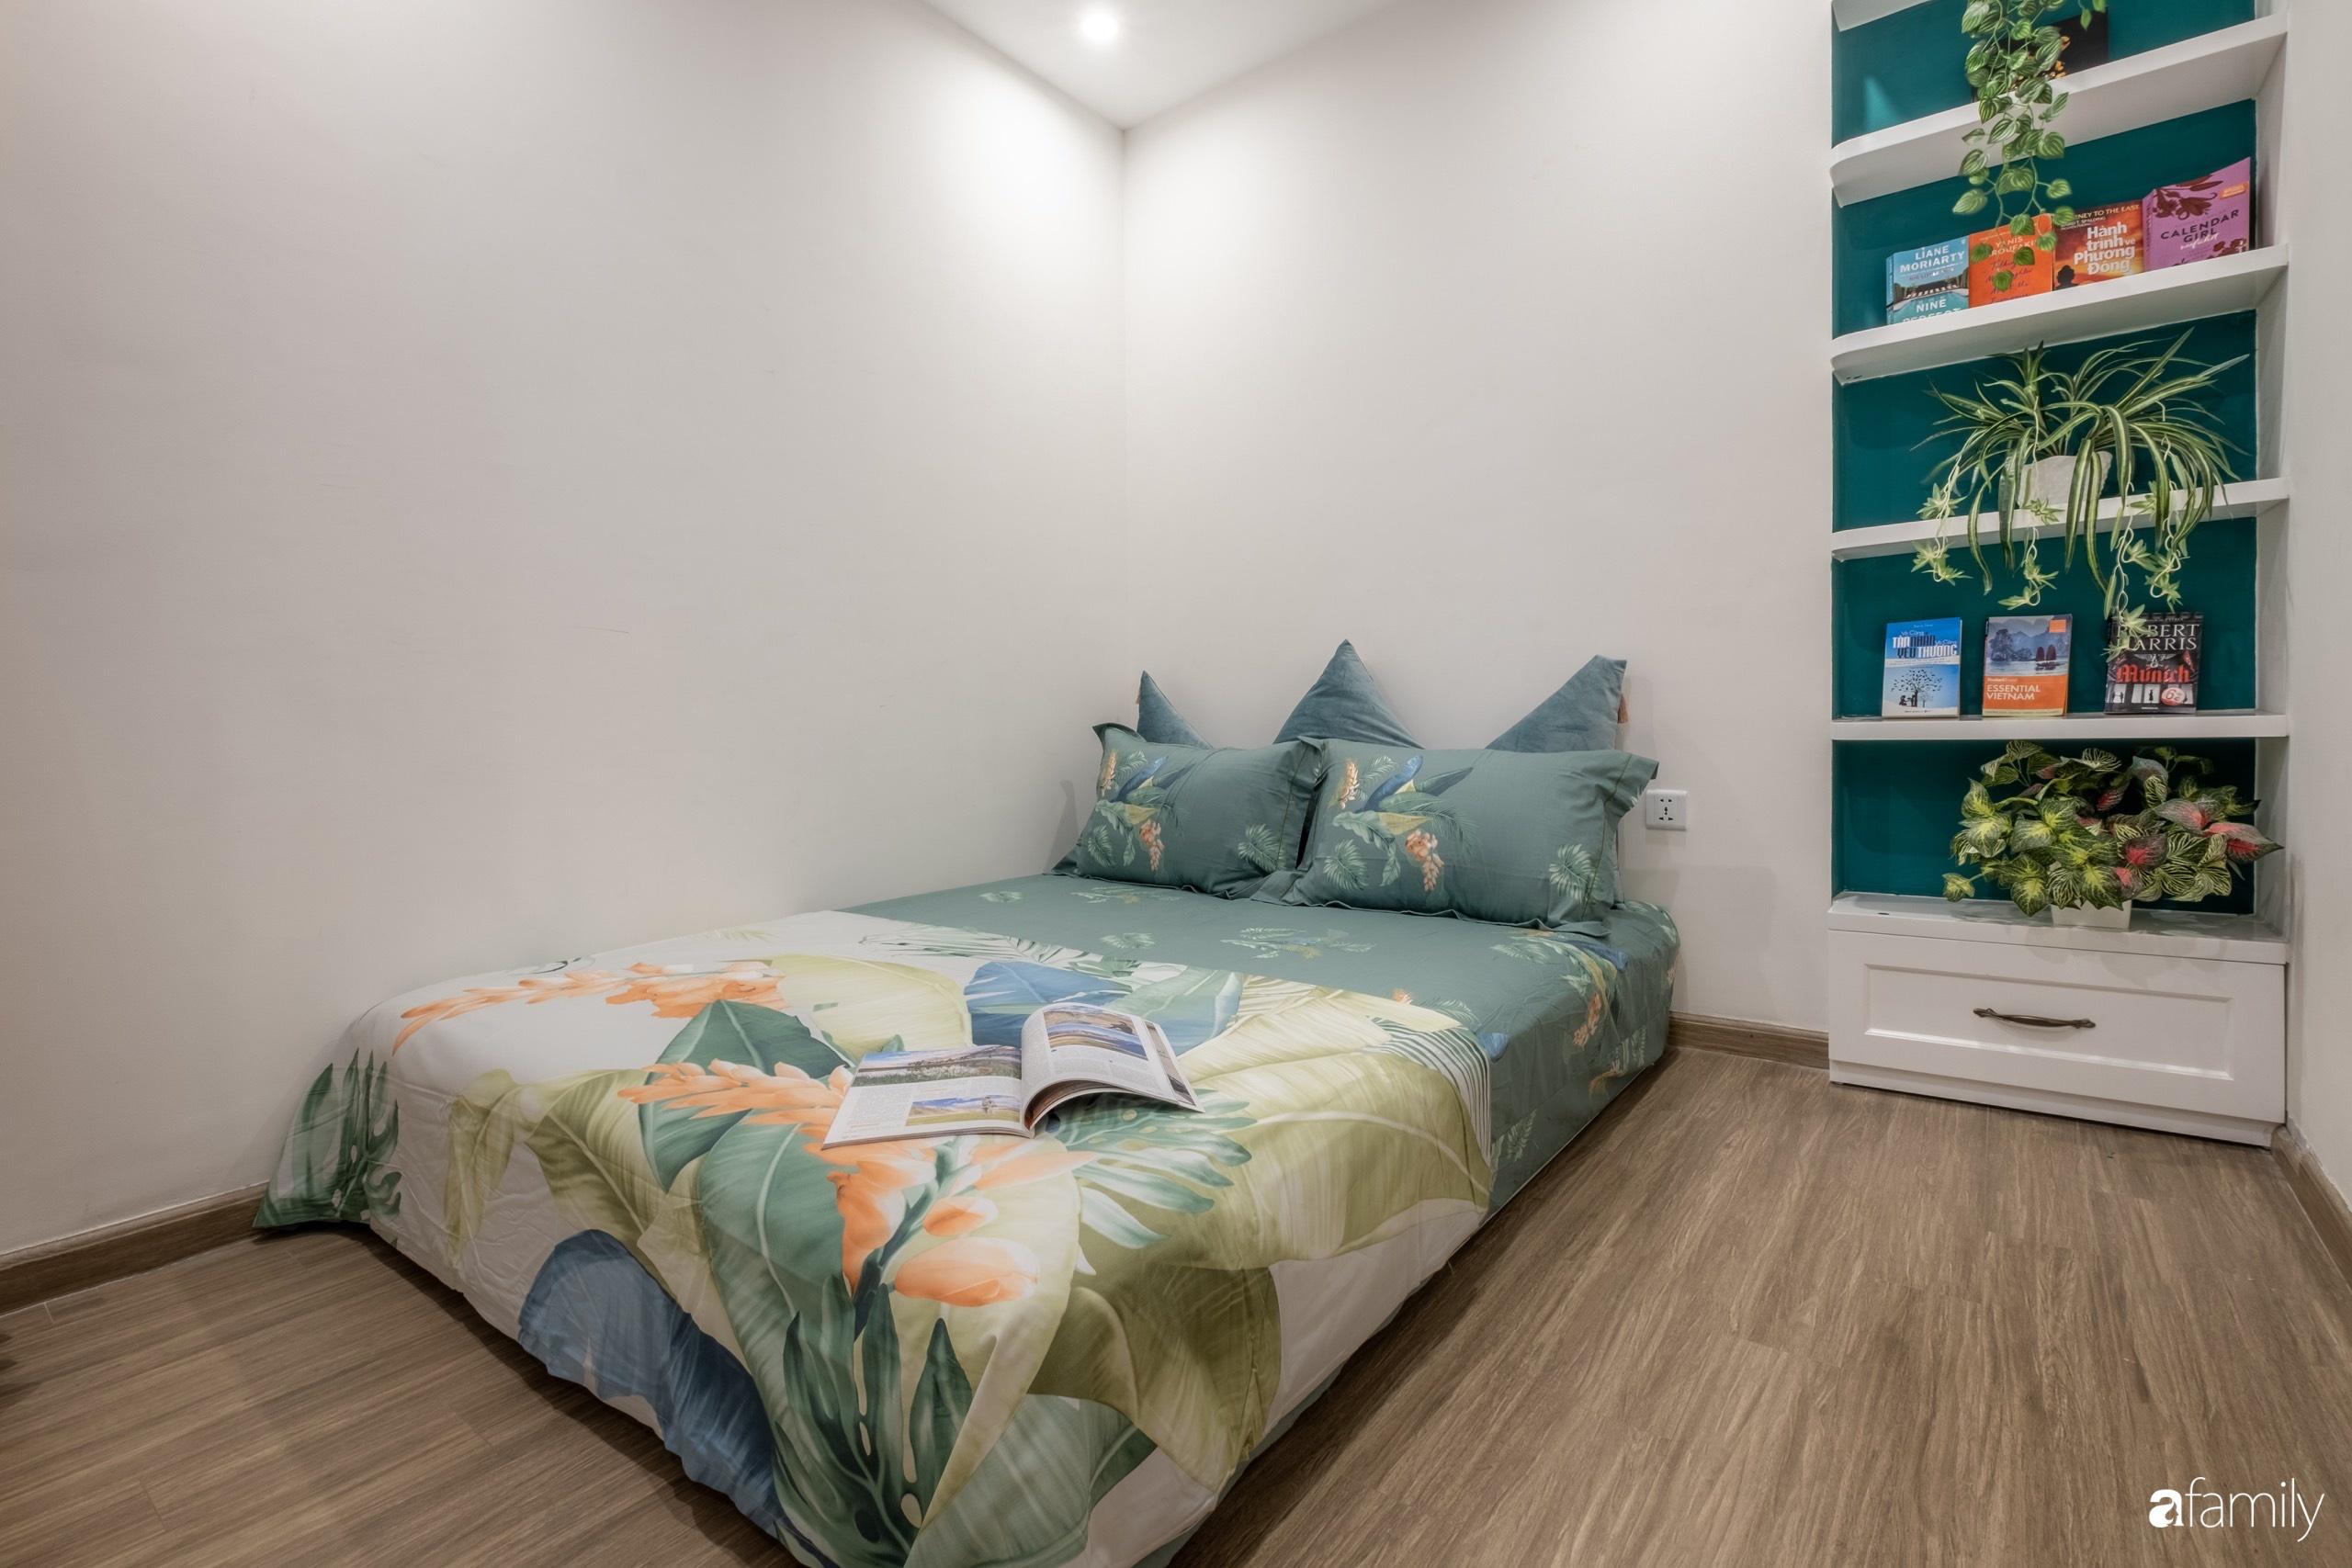 Căn hộ 54m² đẹp cuốn hút với tông màu xanh gần gũi với thiên nhiên có chi phí hoàn thiện nội thất 150 triệu đồng ở Hà Nội - Ảnh 14.